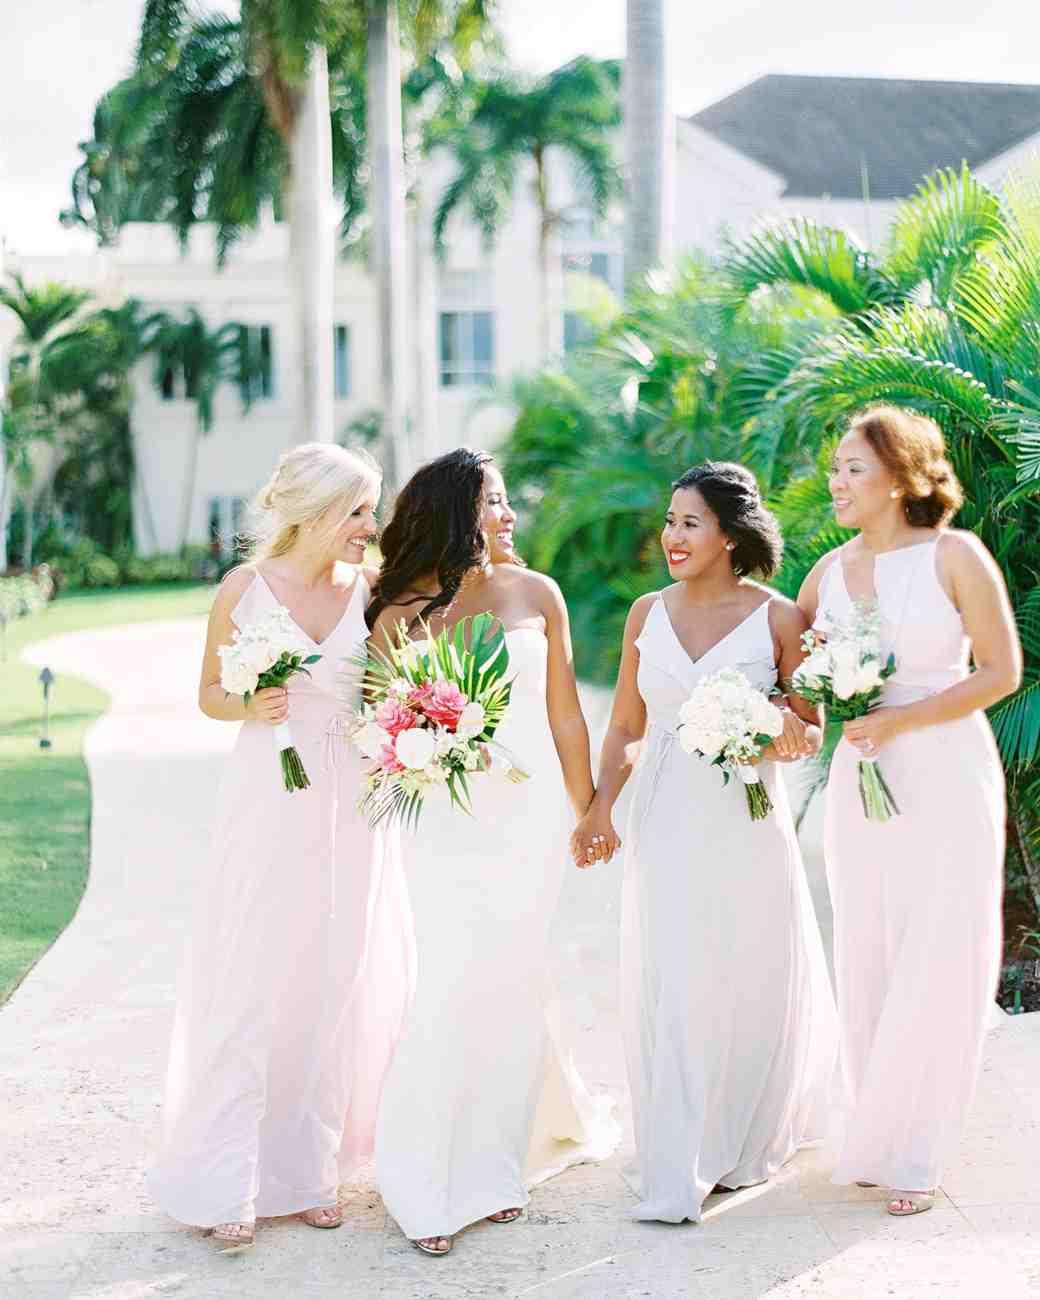 bride and bridesmaids walking